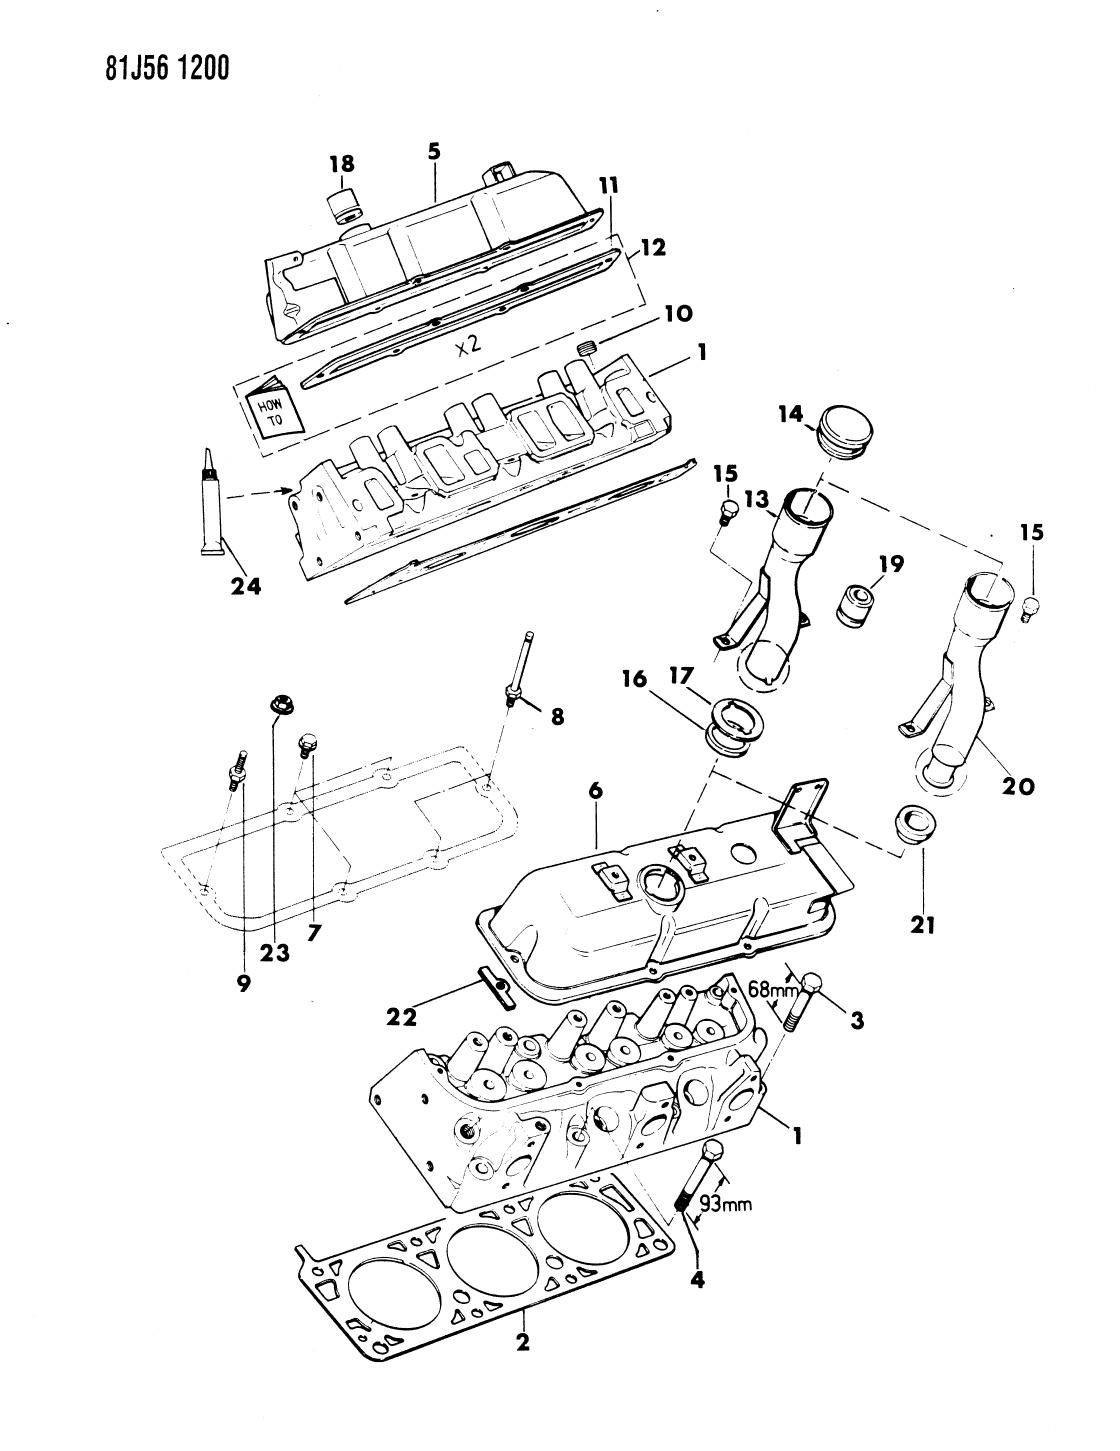 1985 Jeep Cherokee Cylinder Head - Thumbnail 1